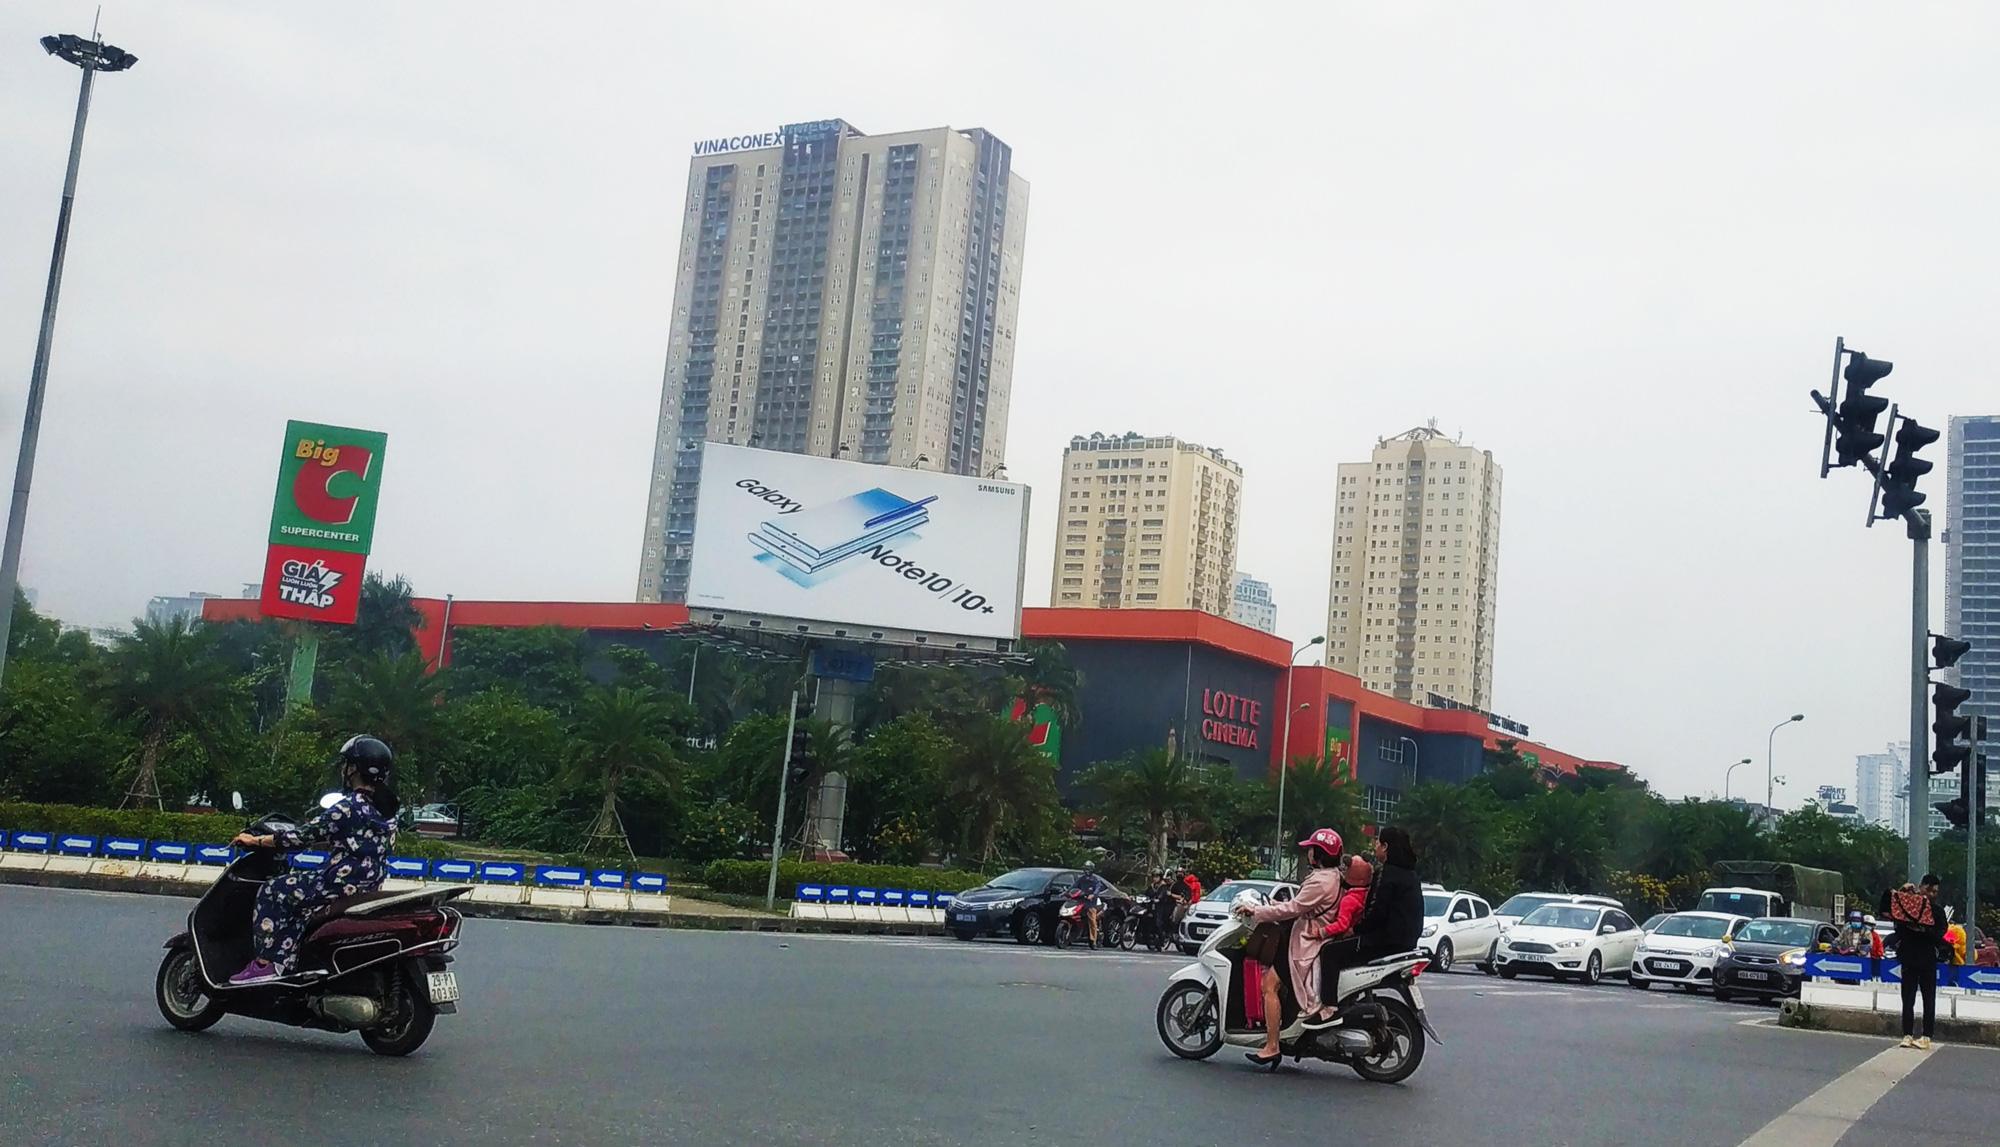 Virus corona làm khó nhiều mảng đời sống Việt Nam: Từ giáo dục, du lịch tới từ thiện - Ảnh 1.